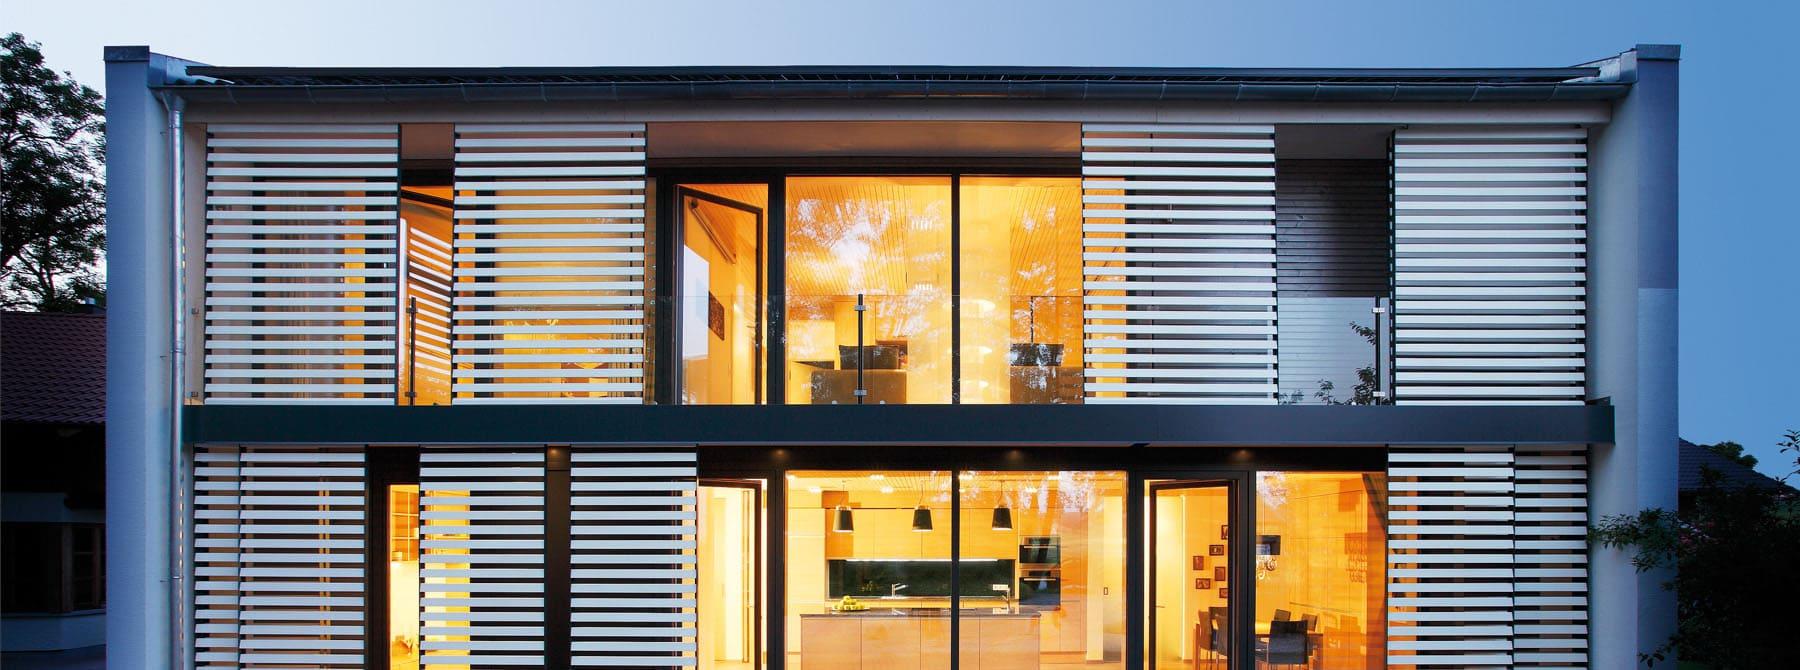 Plus-Energie-Haus - Bauen Sie Ihr Holzhaus, Passivhaus ...